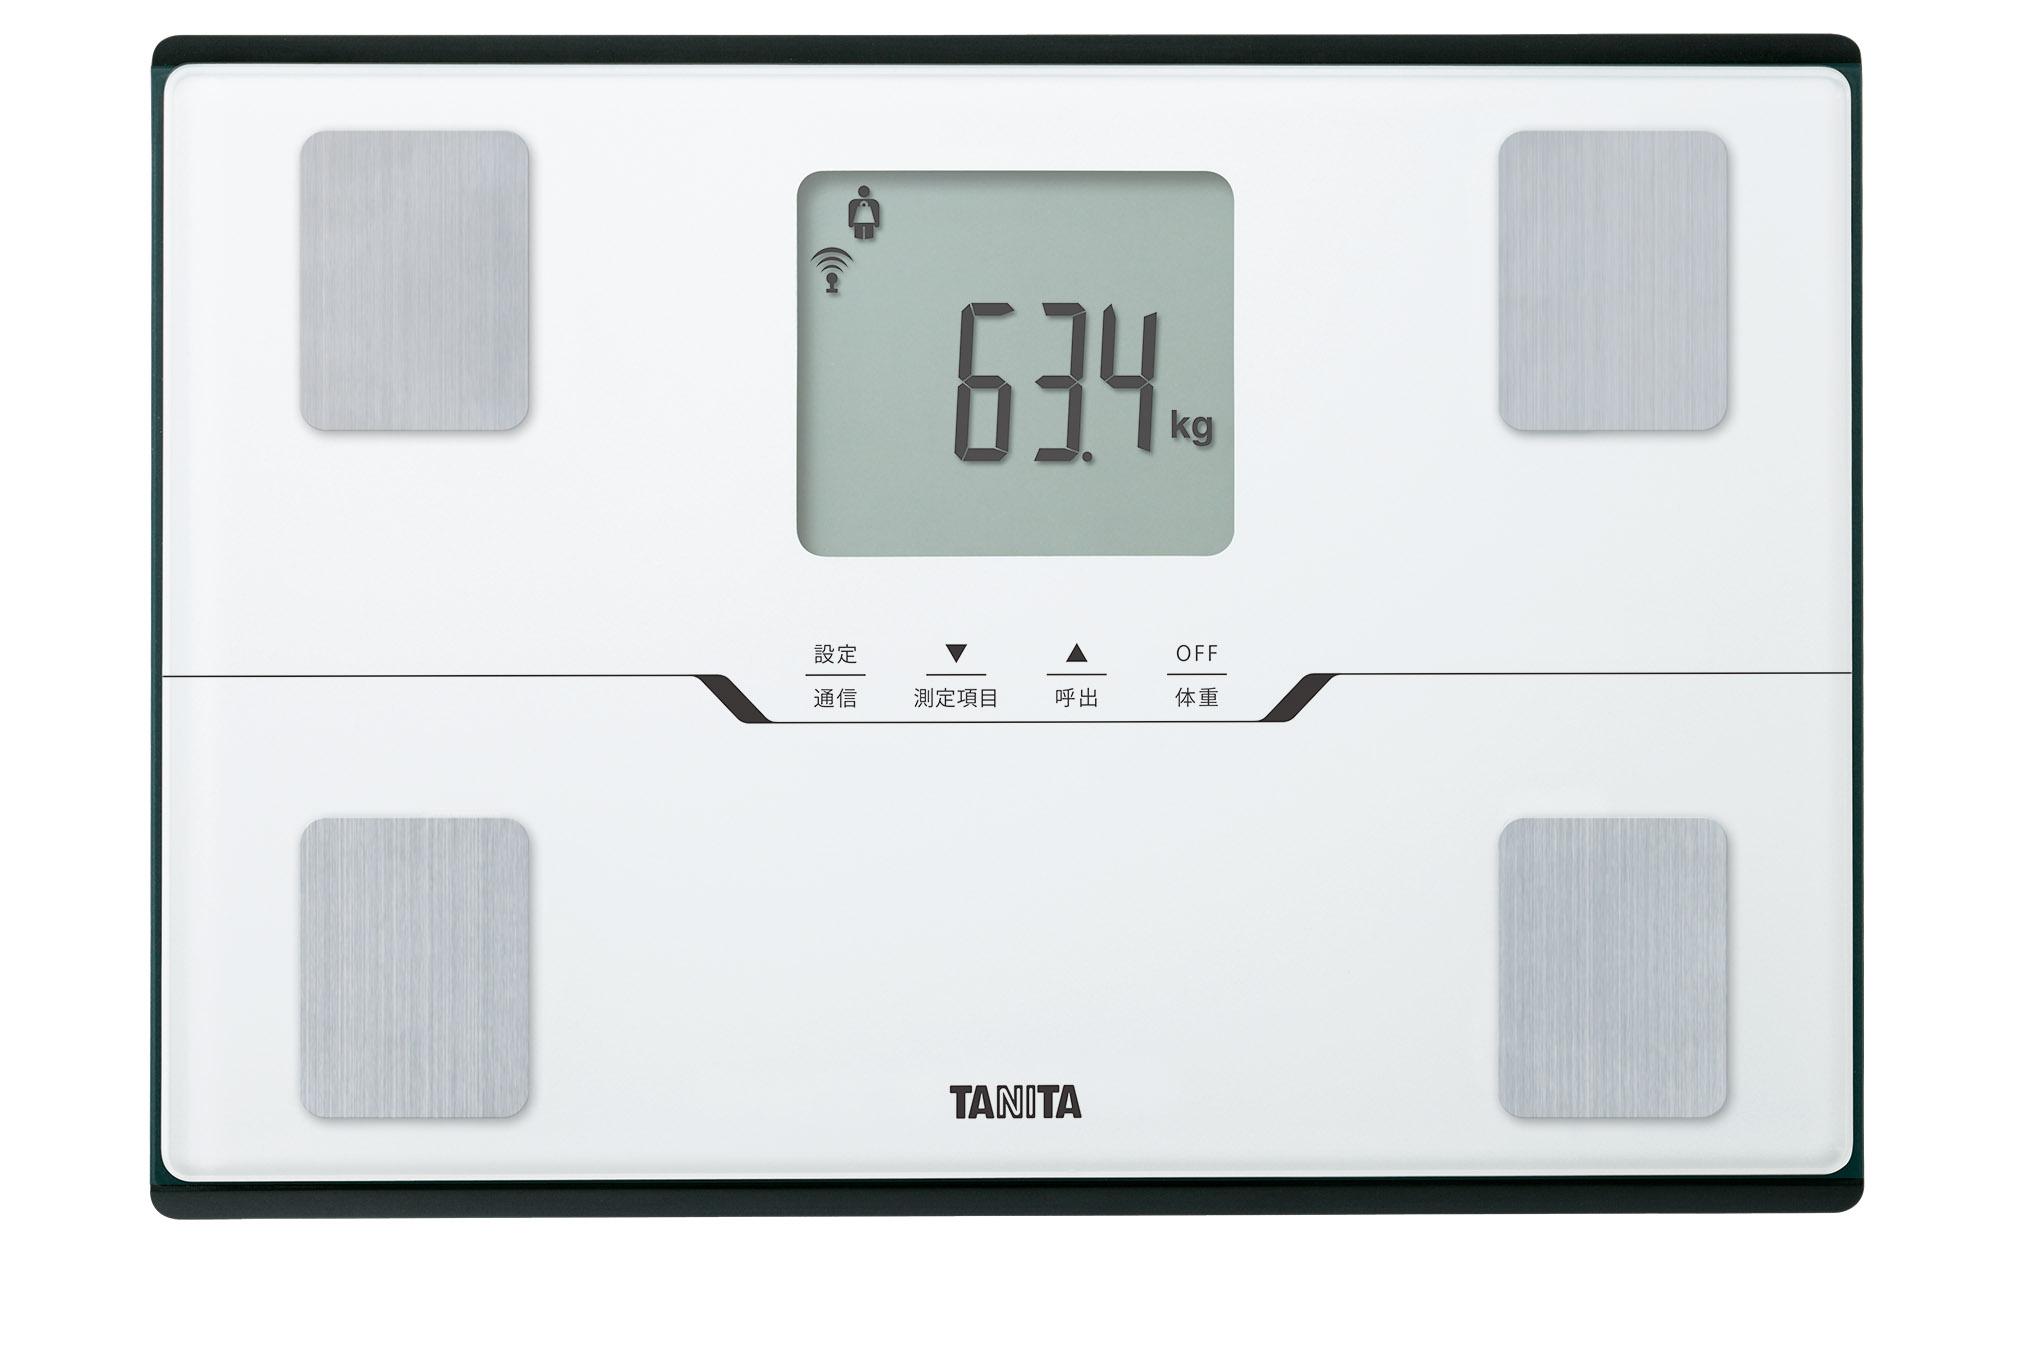 【タニタ】体組成計 スマートフォン アプリ対応(パールホワイト)